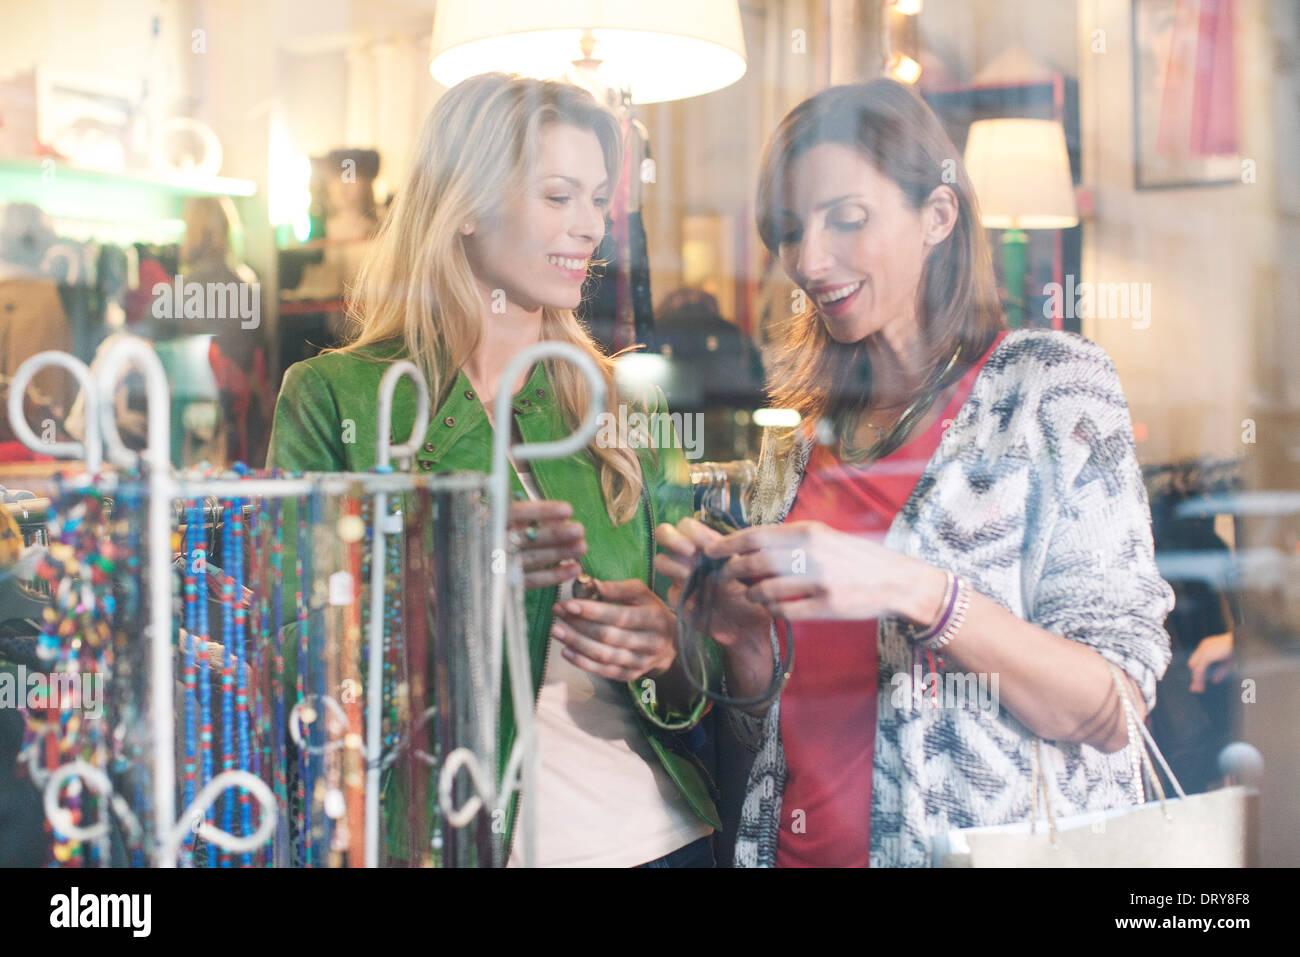 7f6381e19e Frauen in Kleidung Ladengeschäft einkaufen Stockfoto, Bild: 66367596 ...